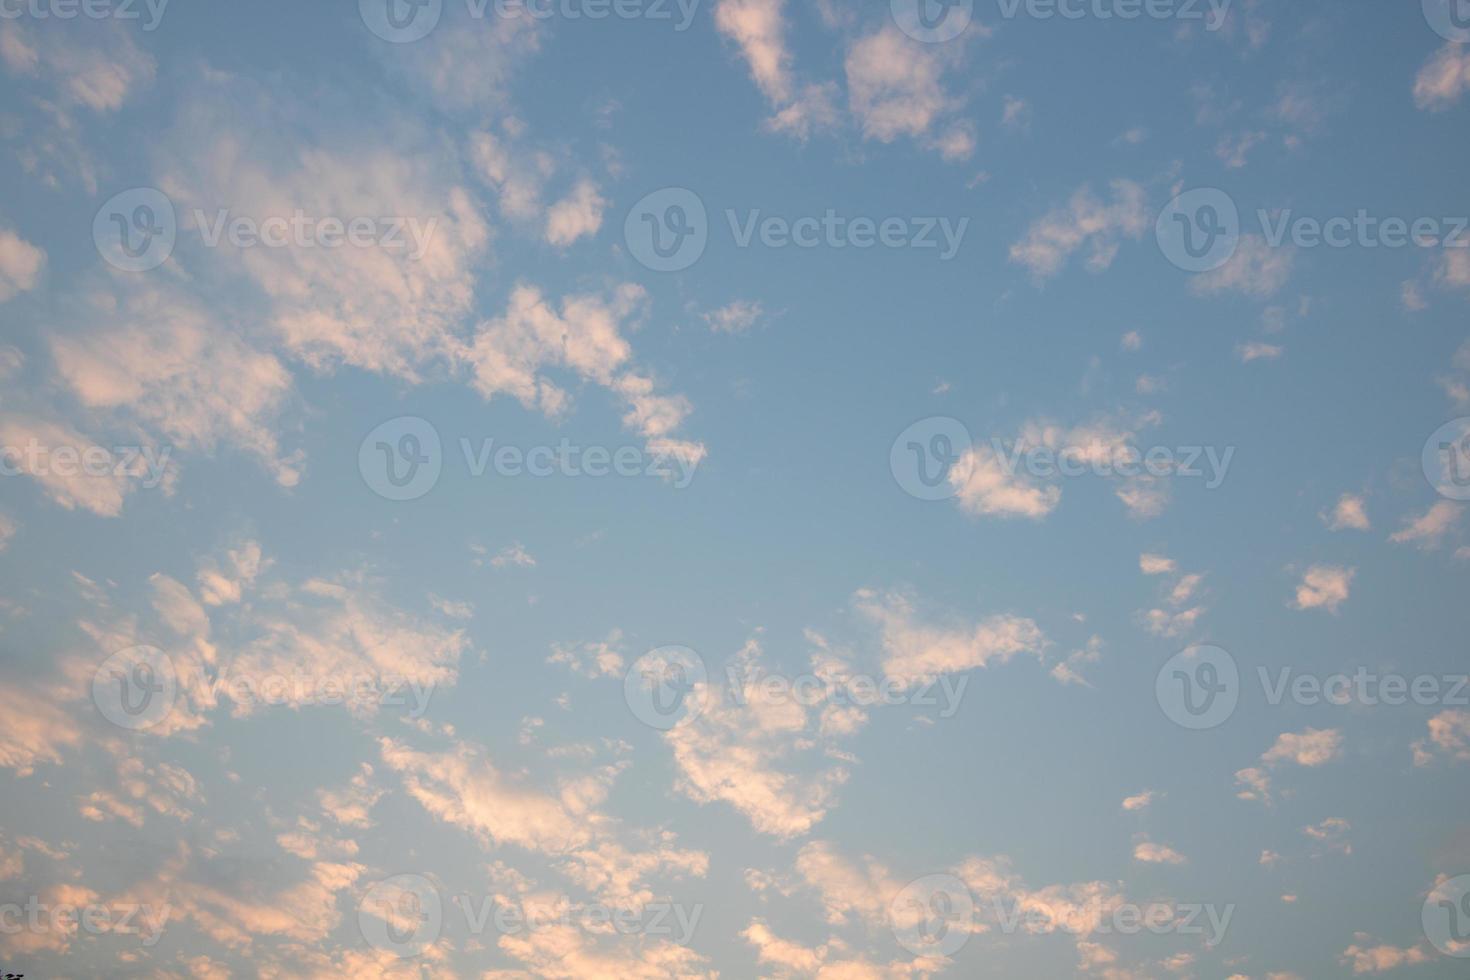 cielo azul y nubes blancas antes del atardecer foto